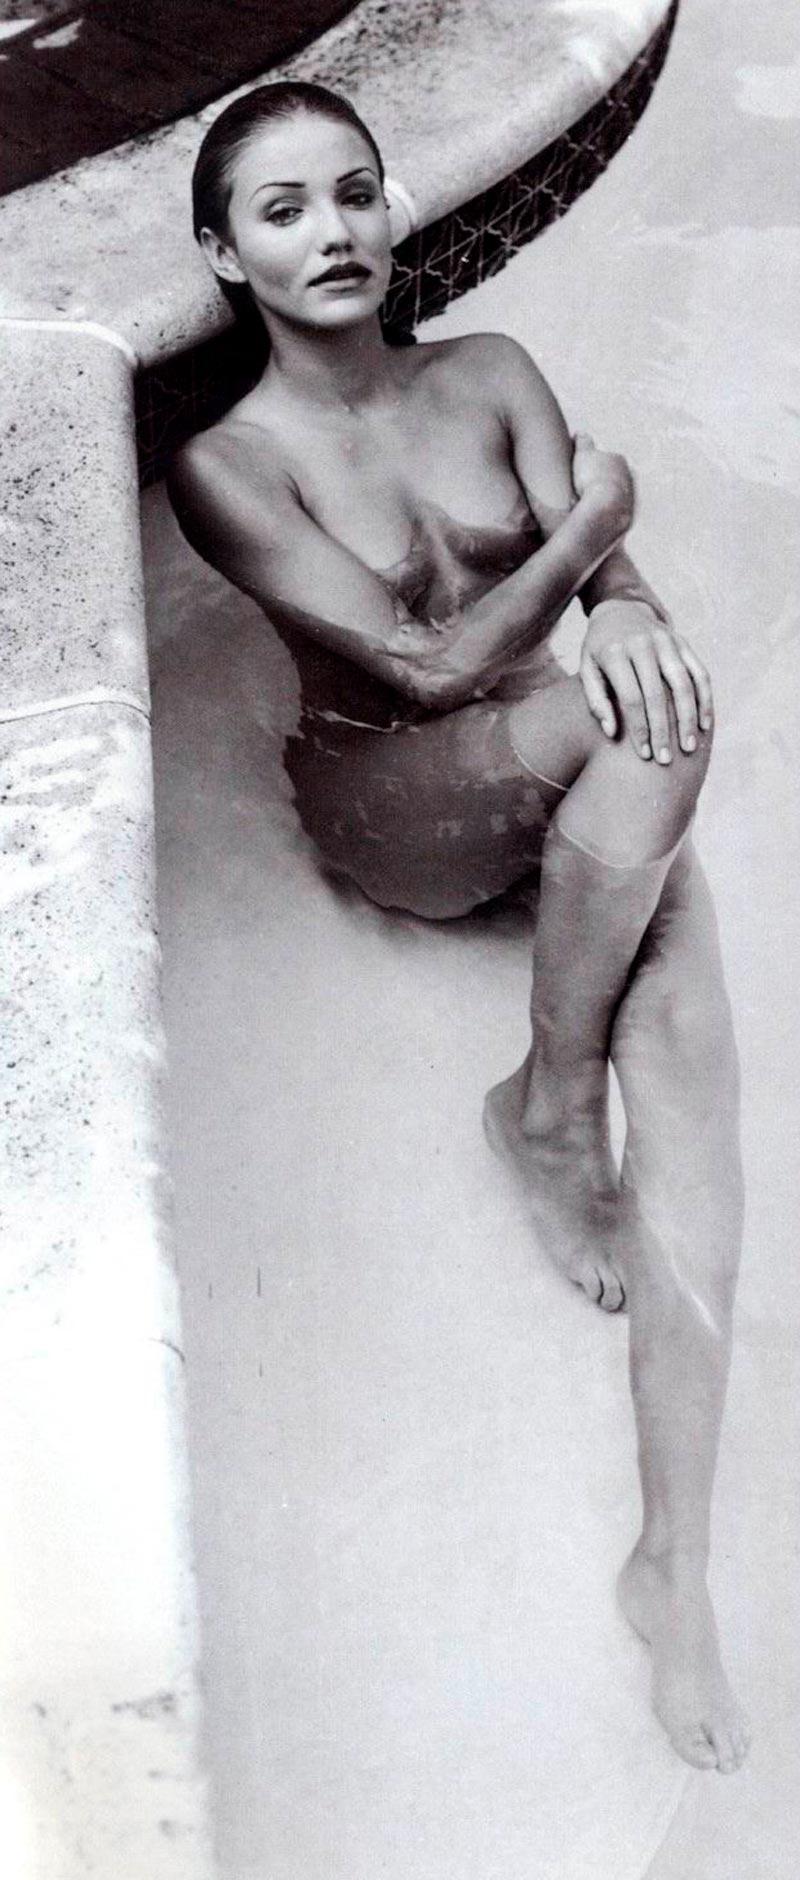 Cameron Diaz Desnuda Fotos Eróticas Posado Artístico 6